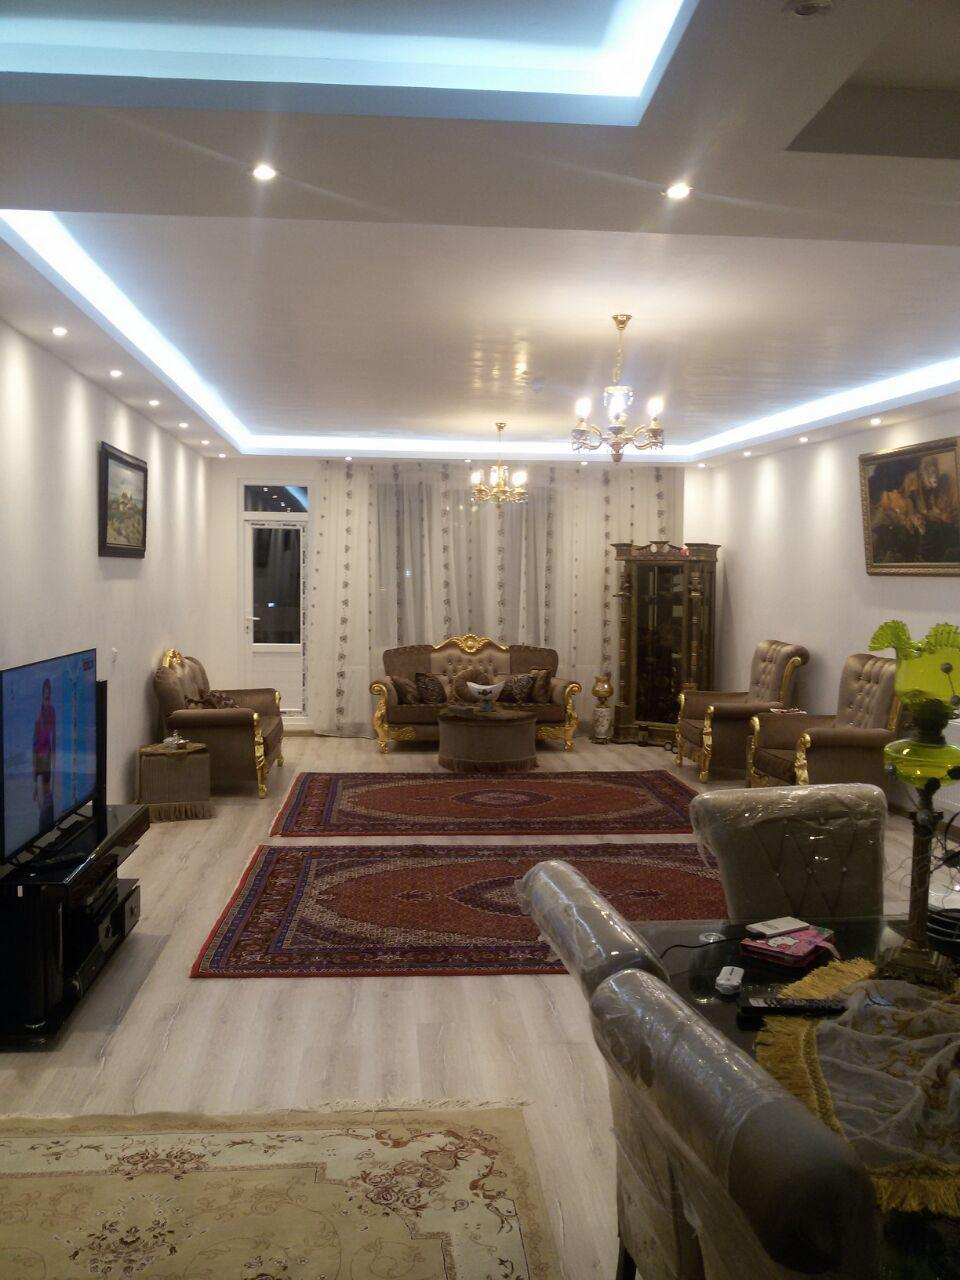 فروش طبقه پنجم از آپارتمان 5 طبقه 15 واحده در محله منصوریه